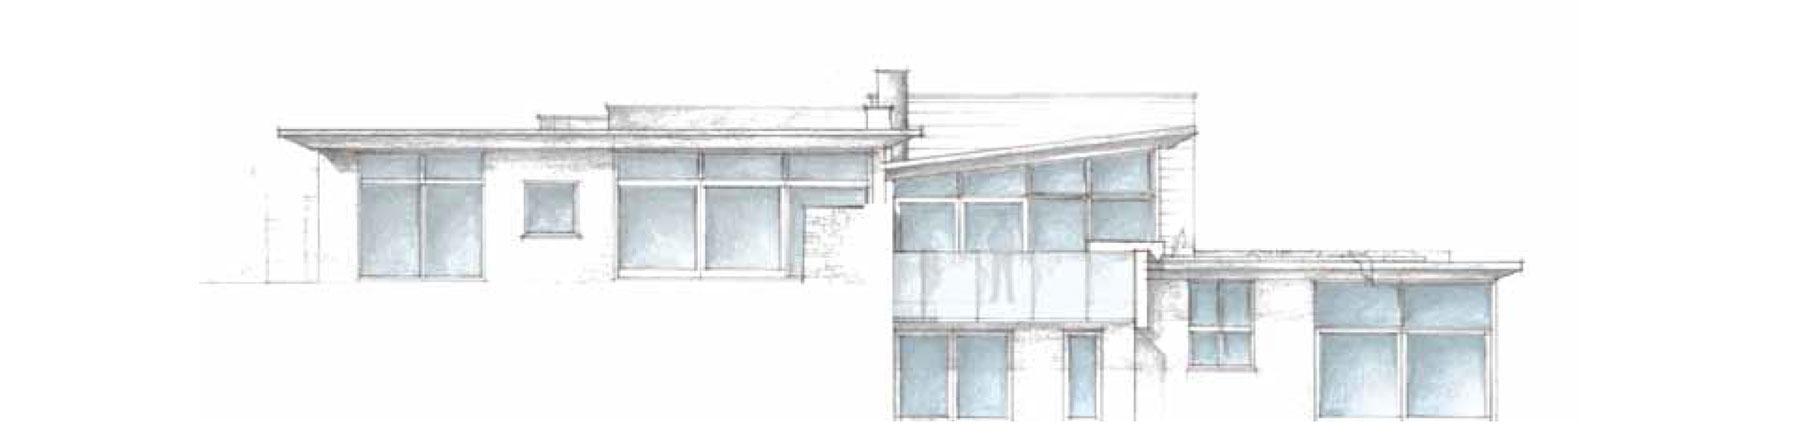 slider-river-house-3